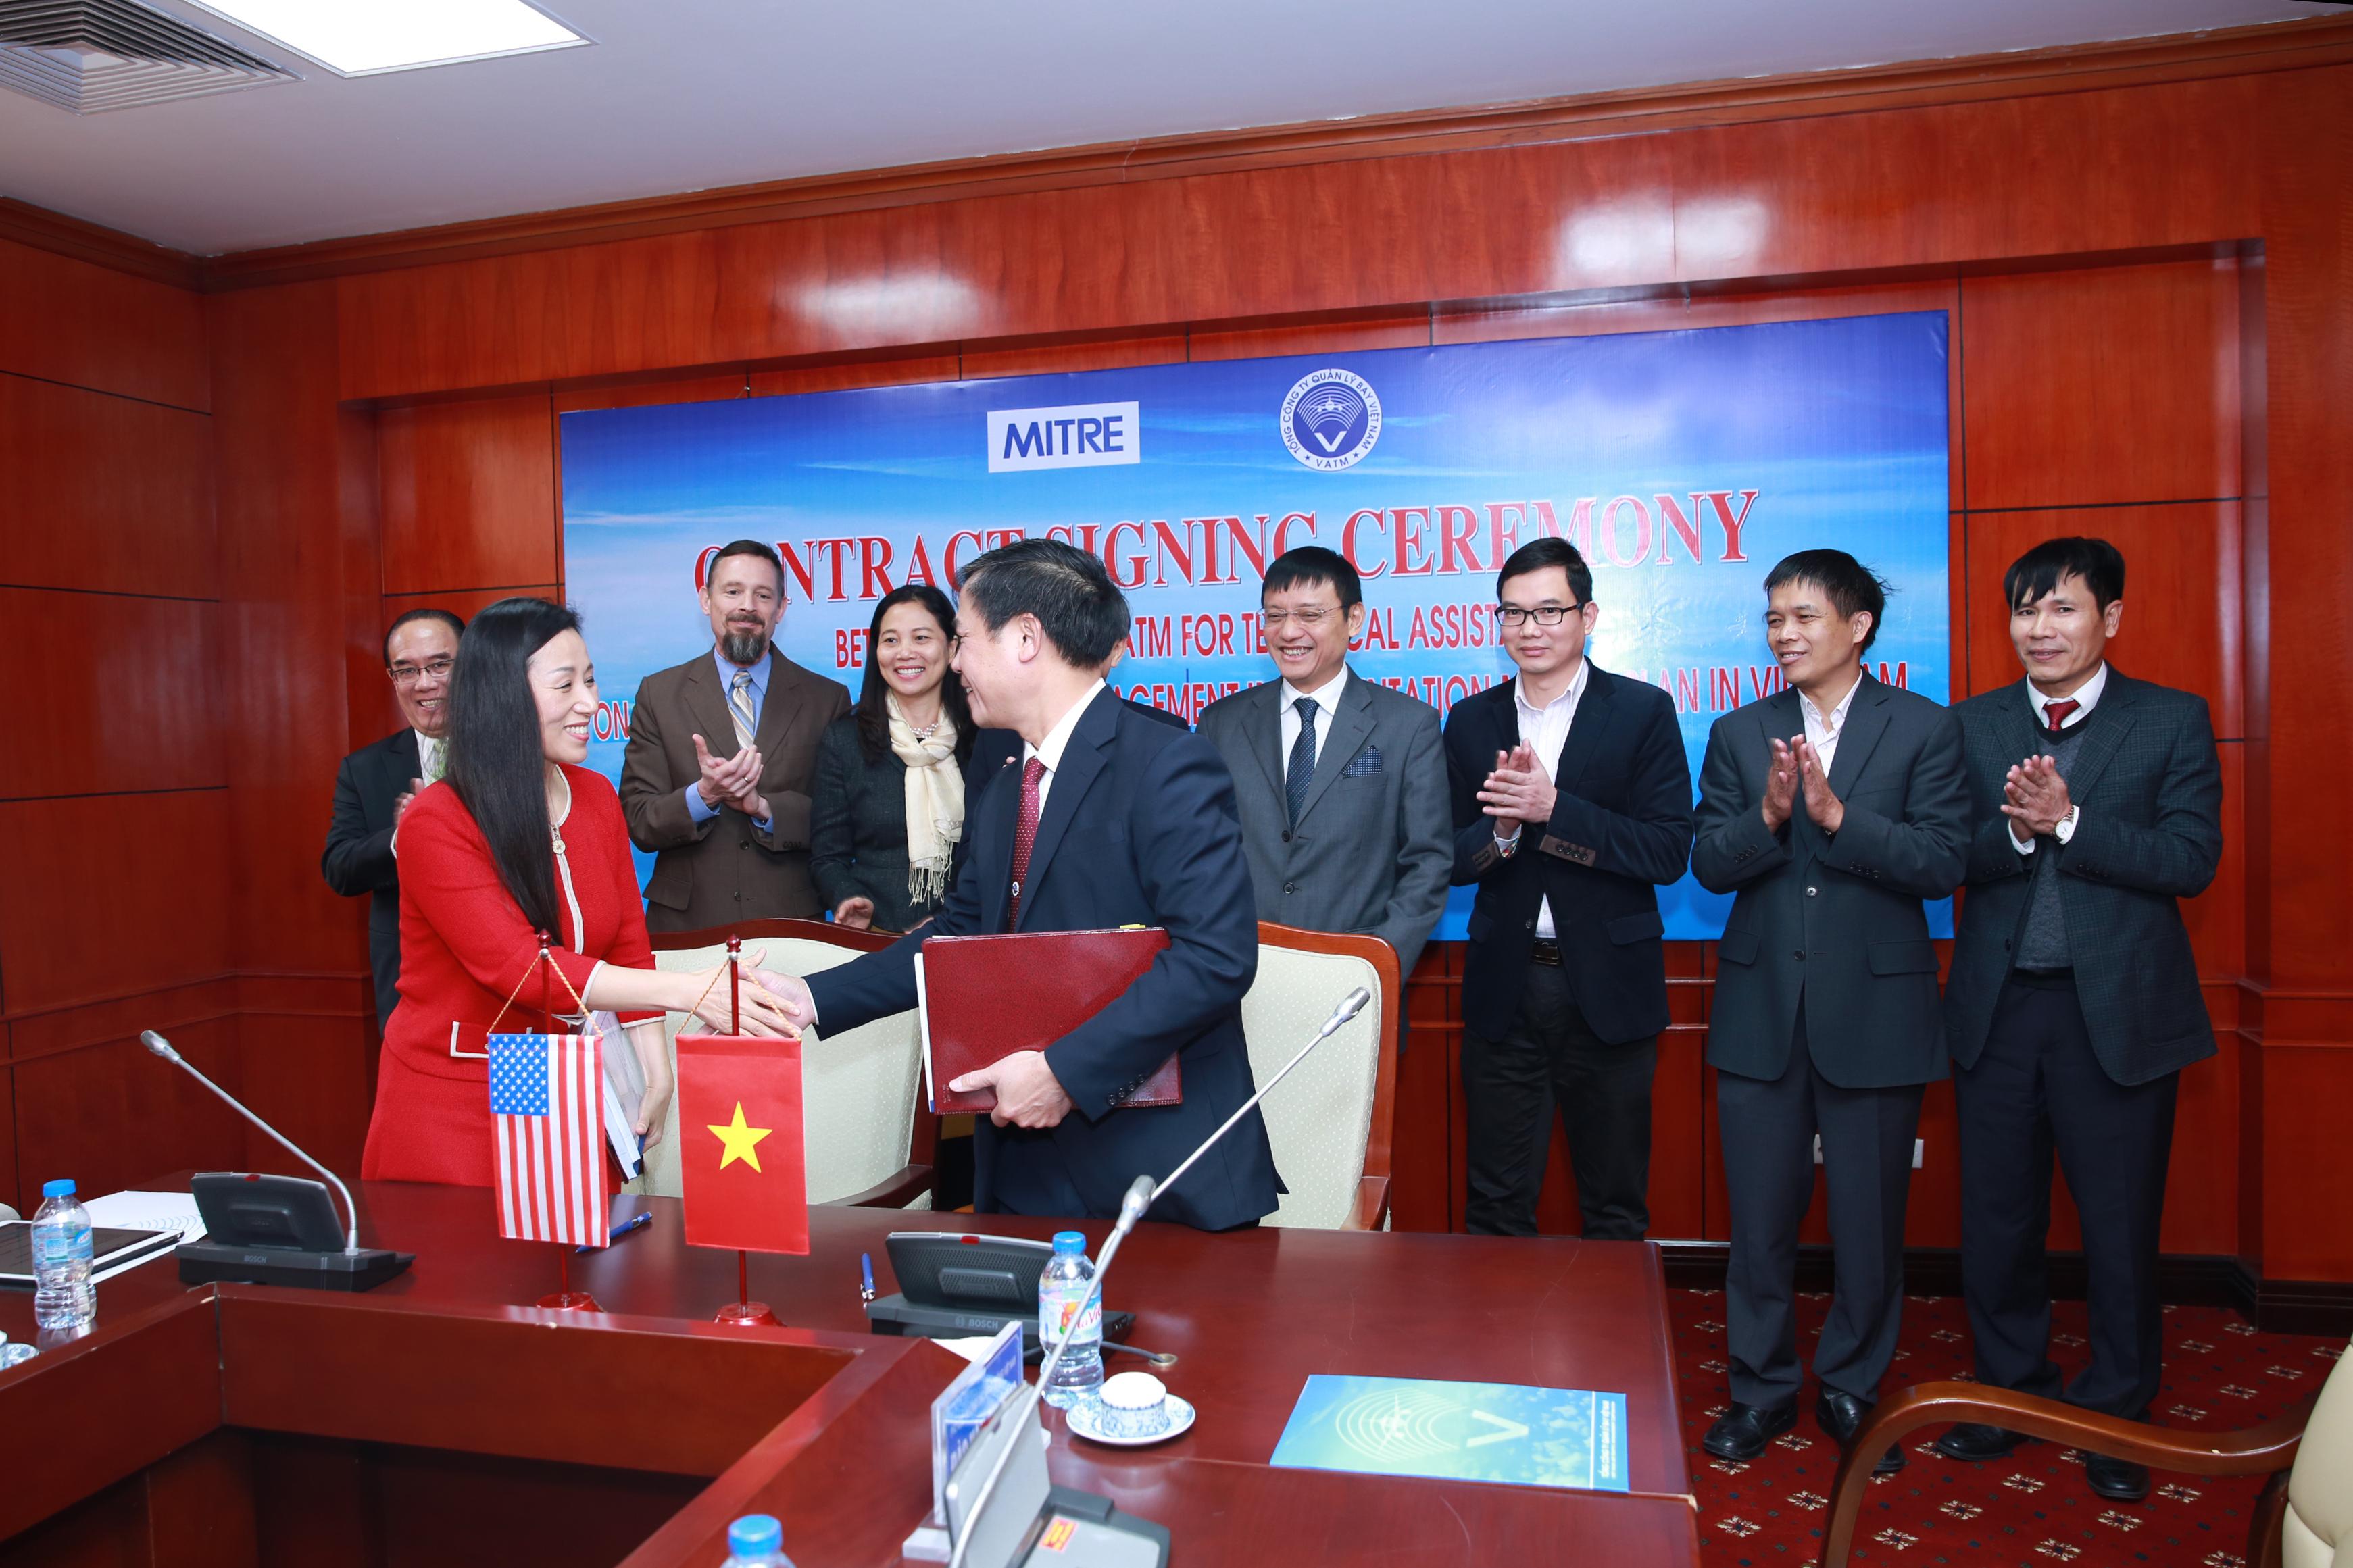 Thông tin báo chí về việc ký hợp đồng giữa Tổng công ty Quản lý bay Việt Nam và Tập đoàn Mitre, Hoa Kỳ